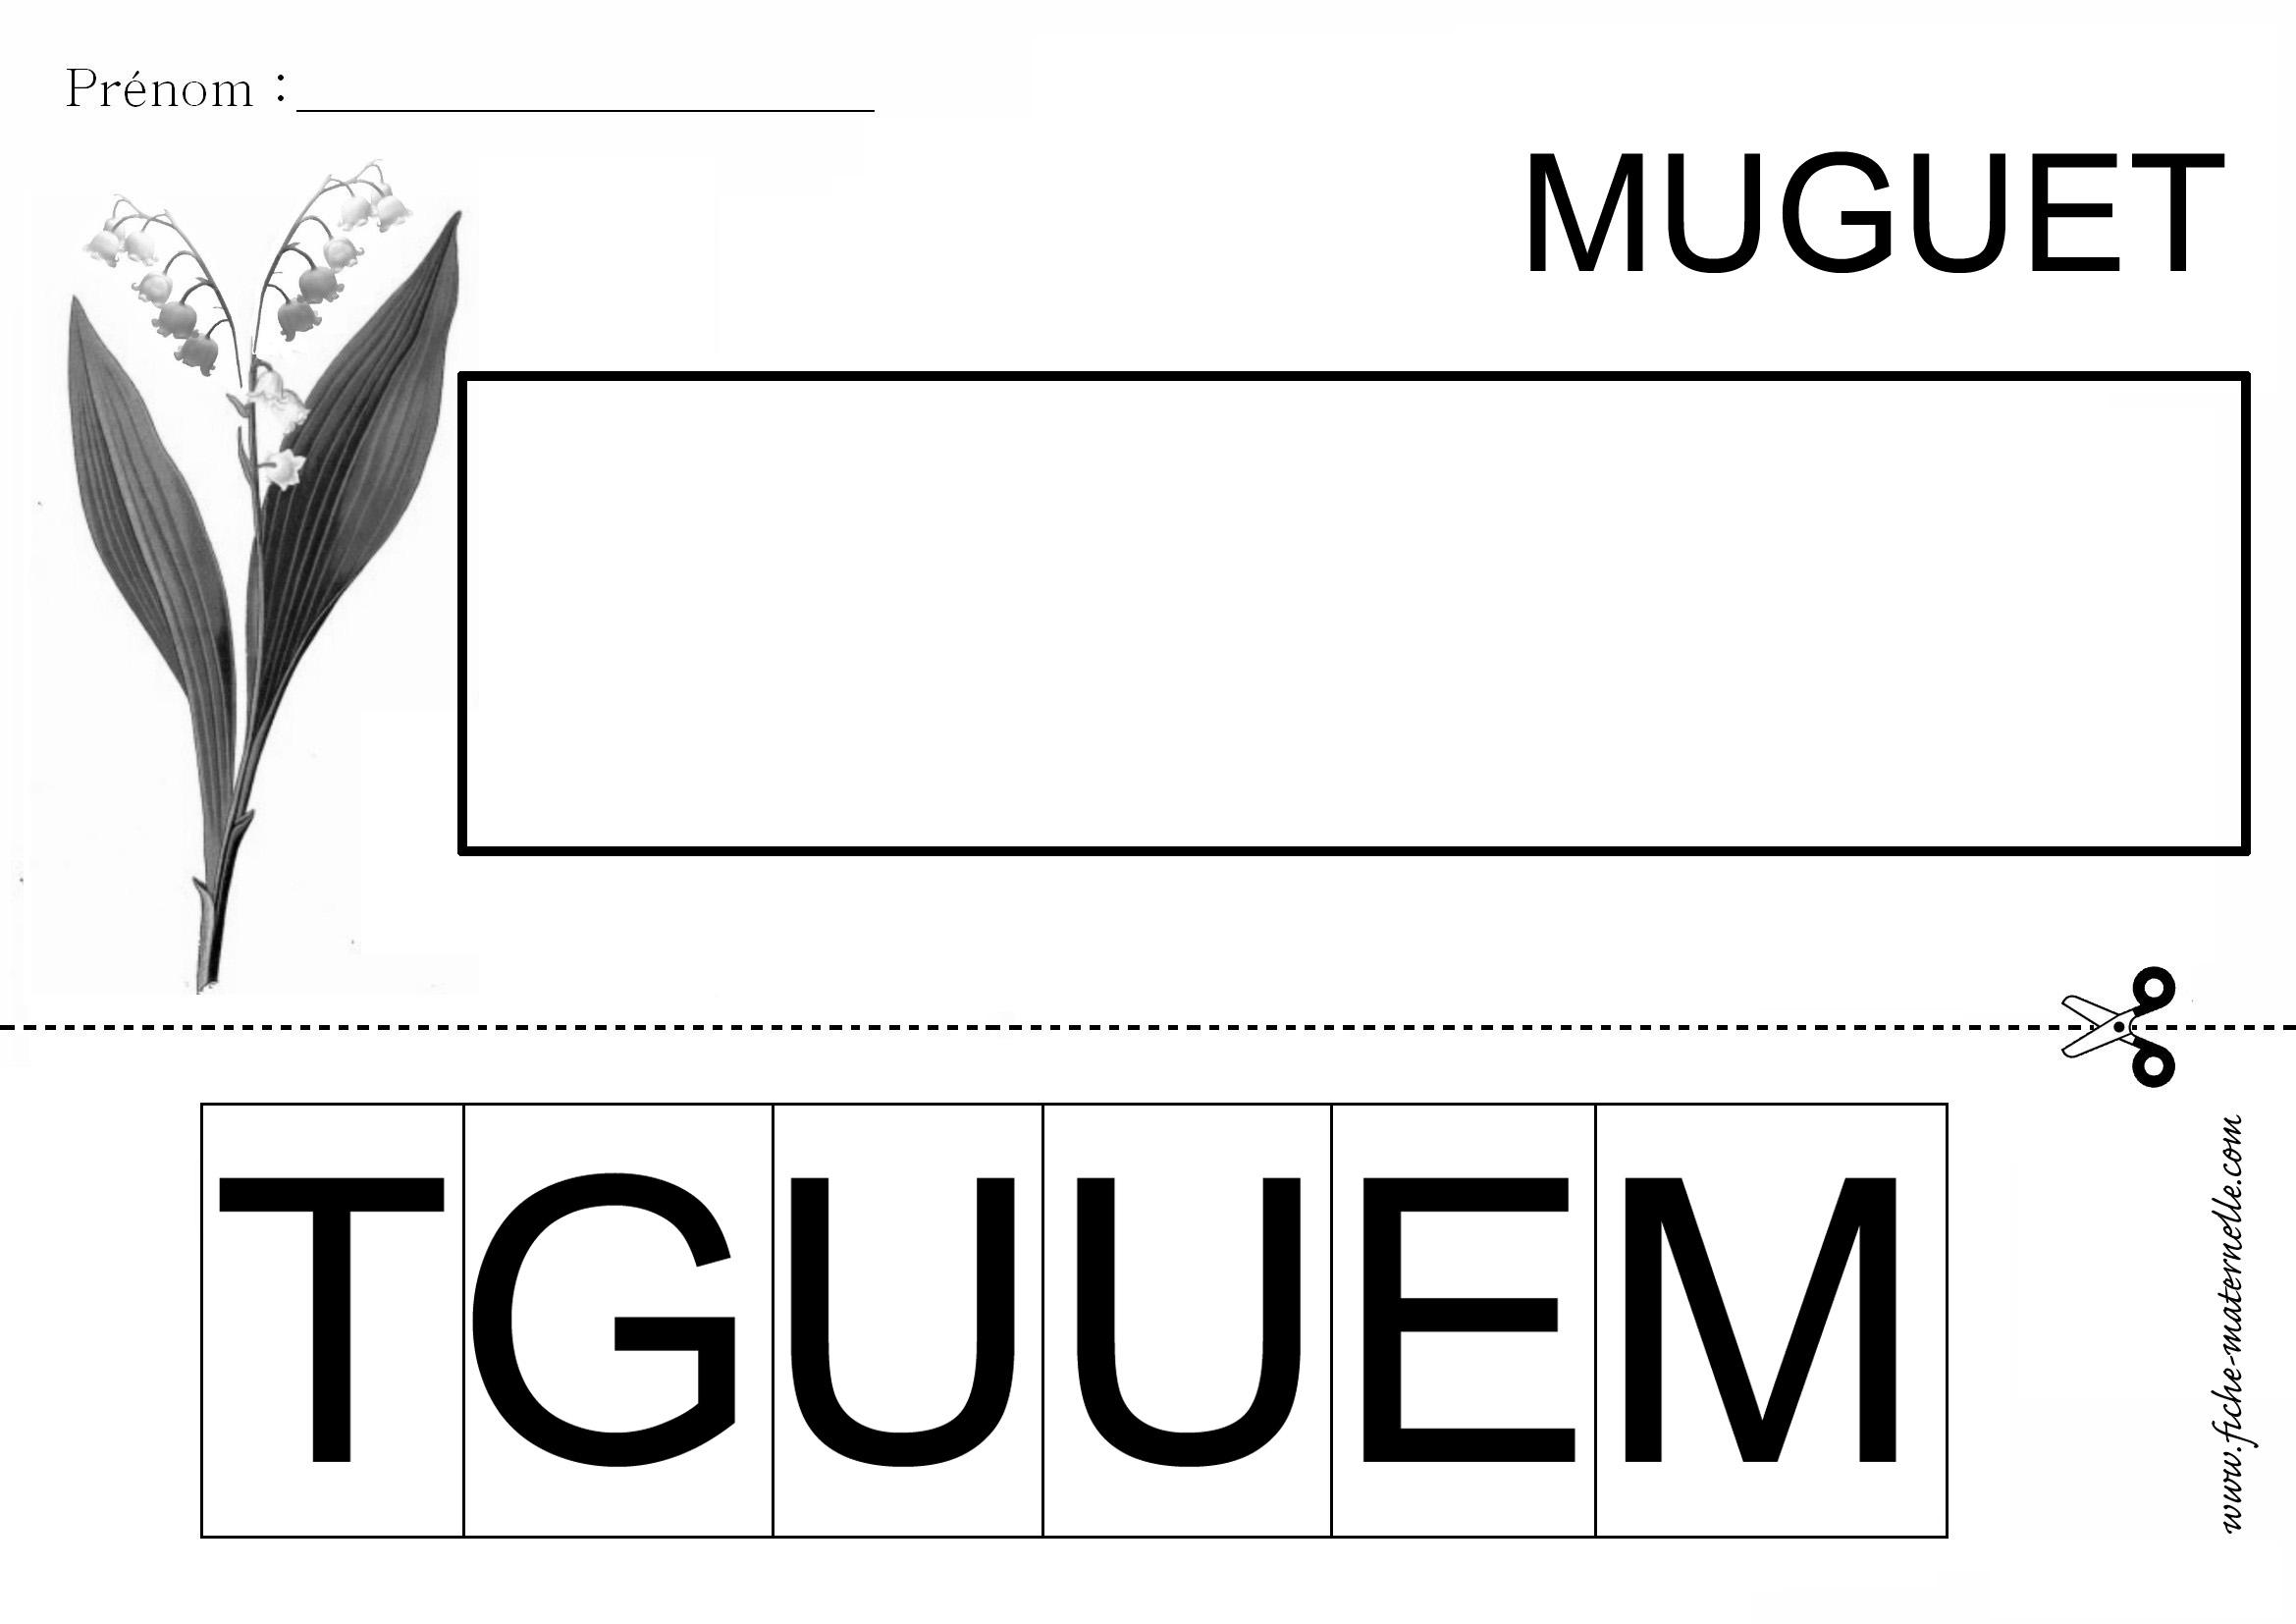 le mot muguet